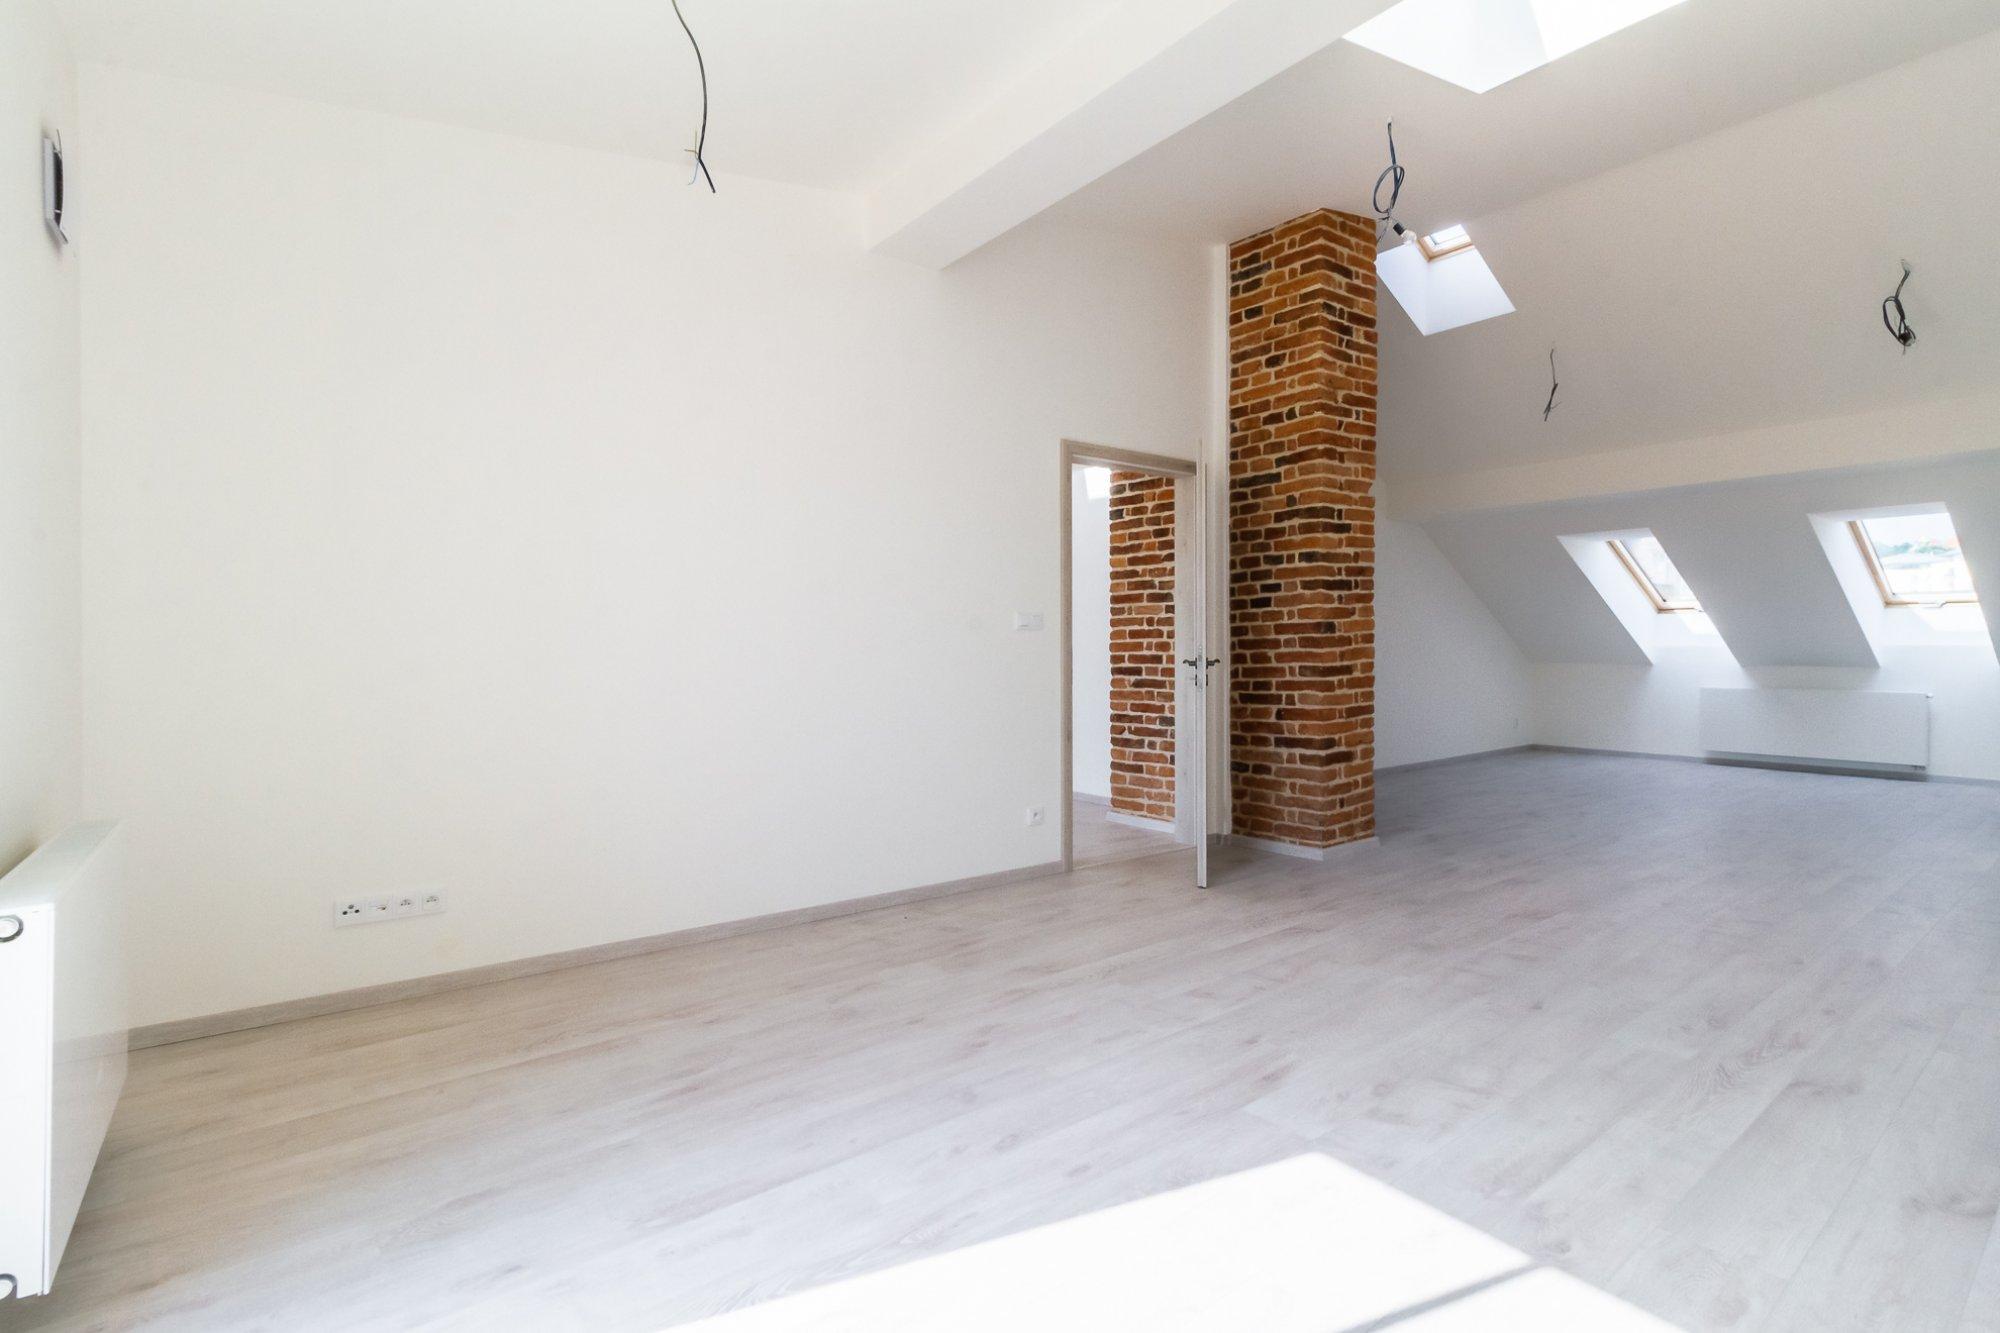 Půdní byt 3+kk, plocha 121 m², ulice Štefánikova, Praha 5 - Smíchov | 3